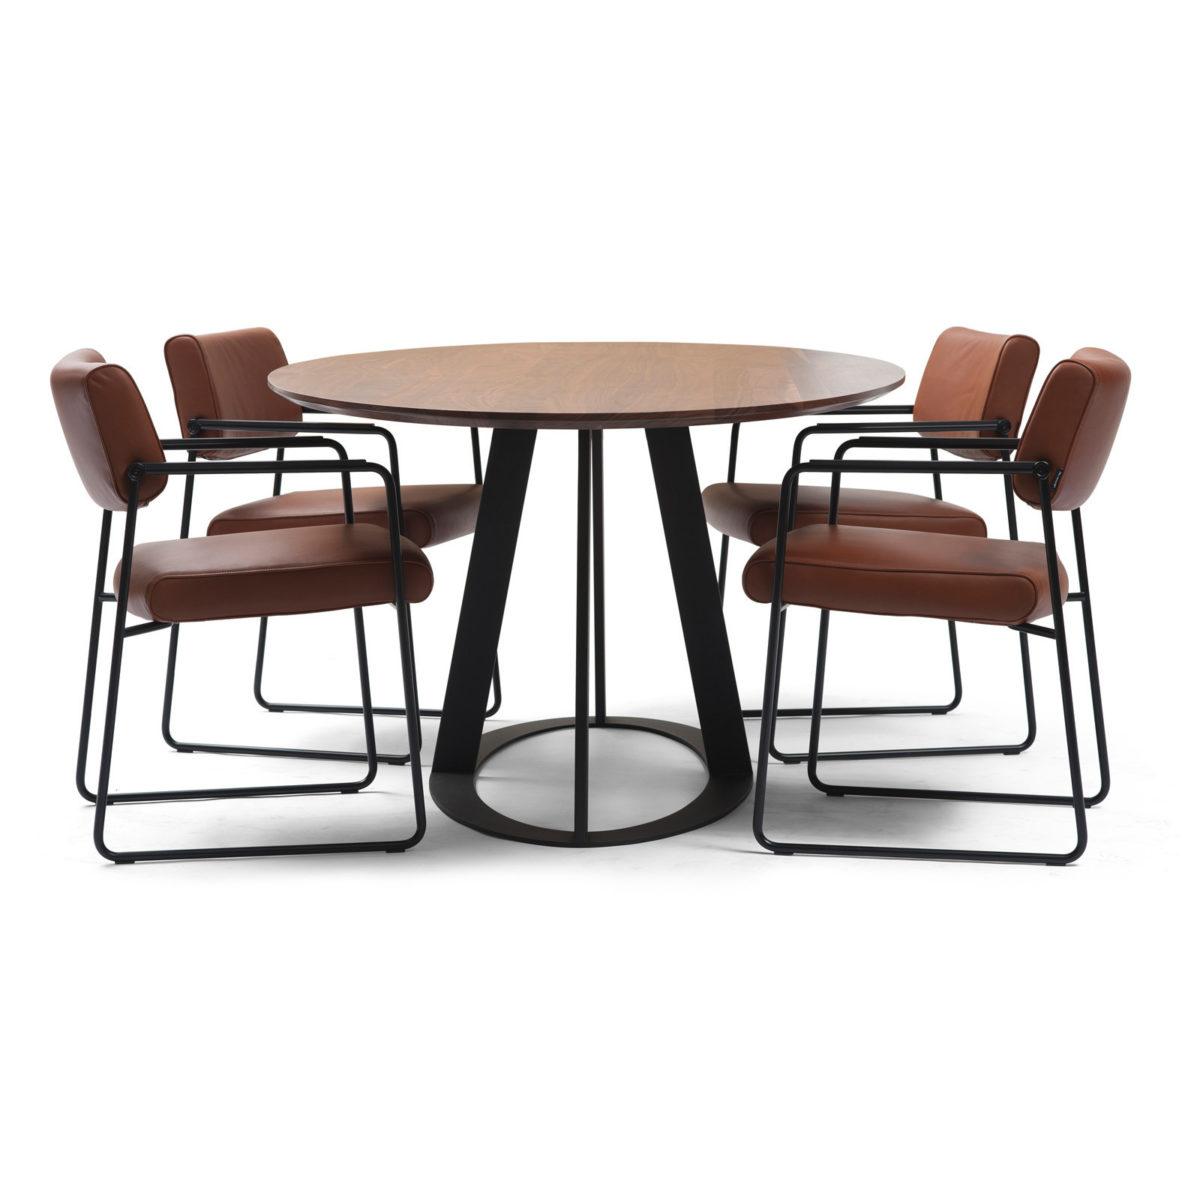 Harvink tafel ovaal fier 3